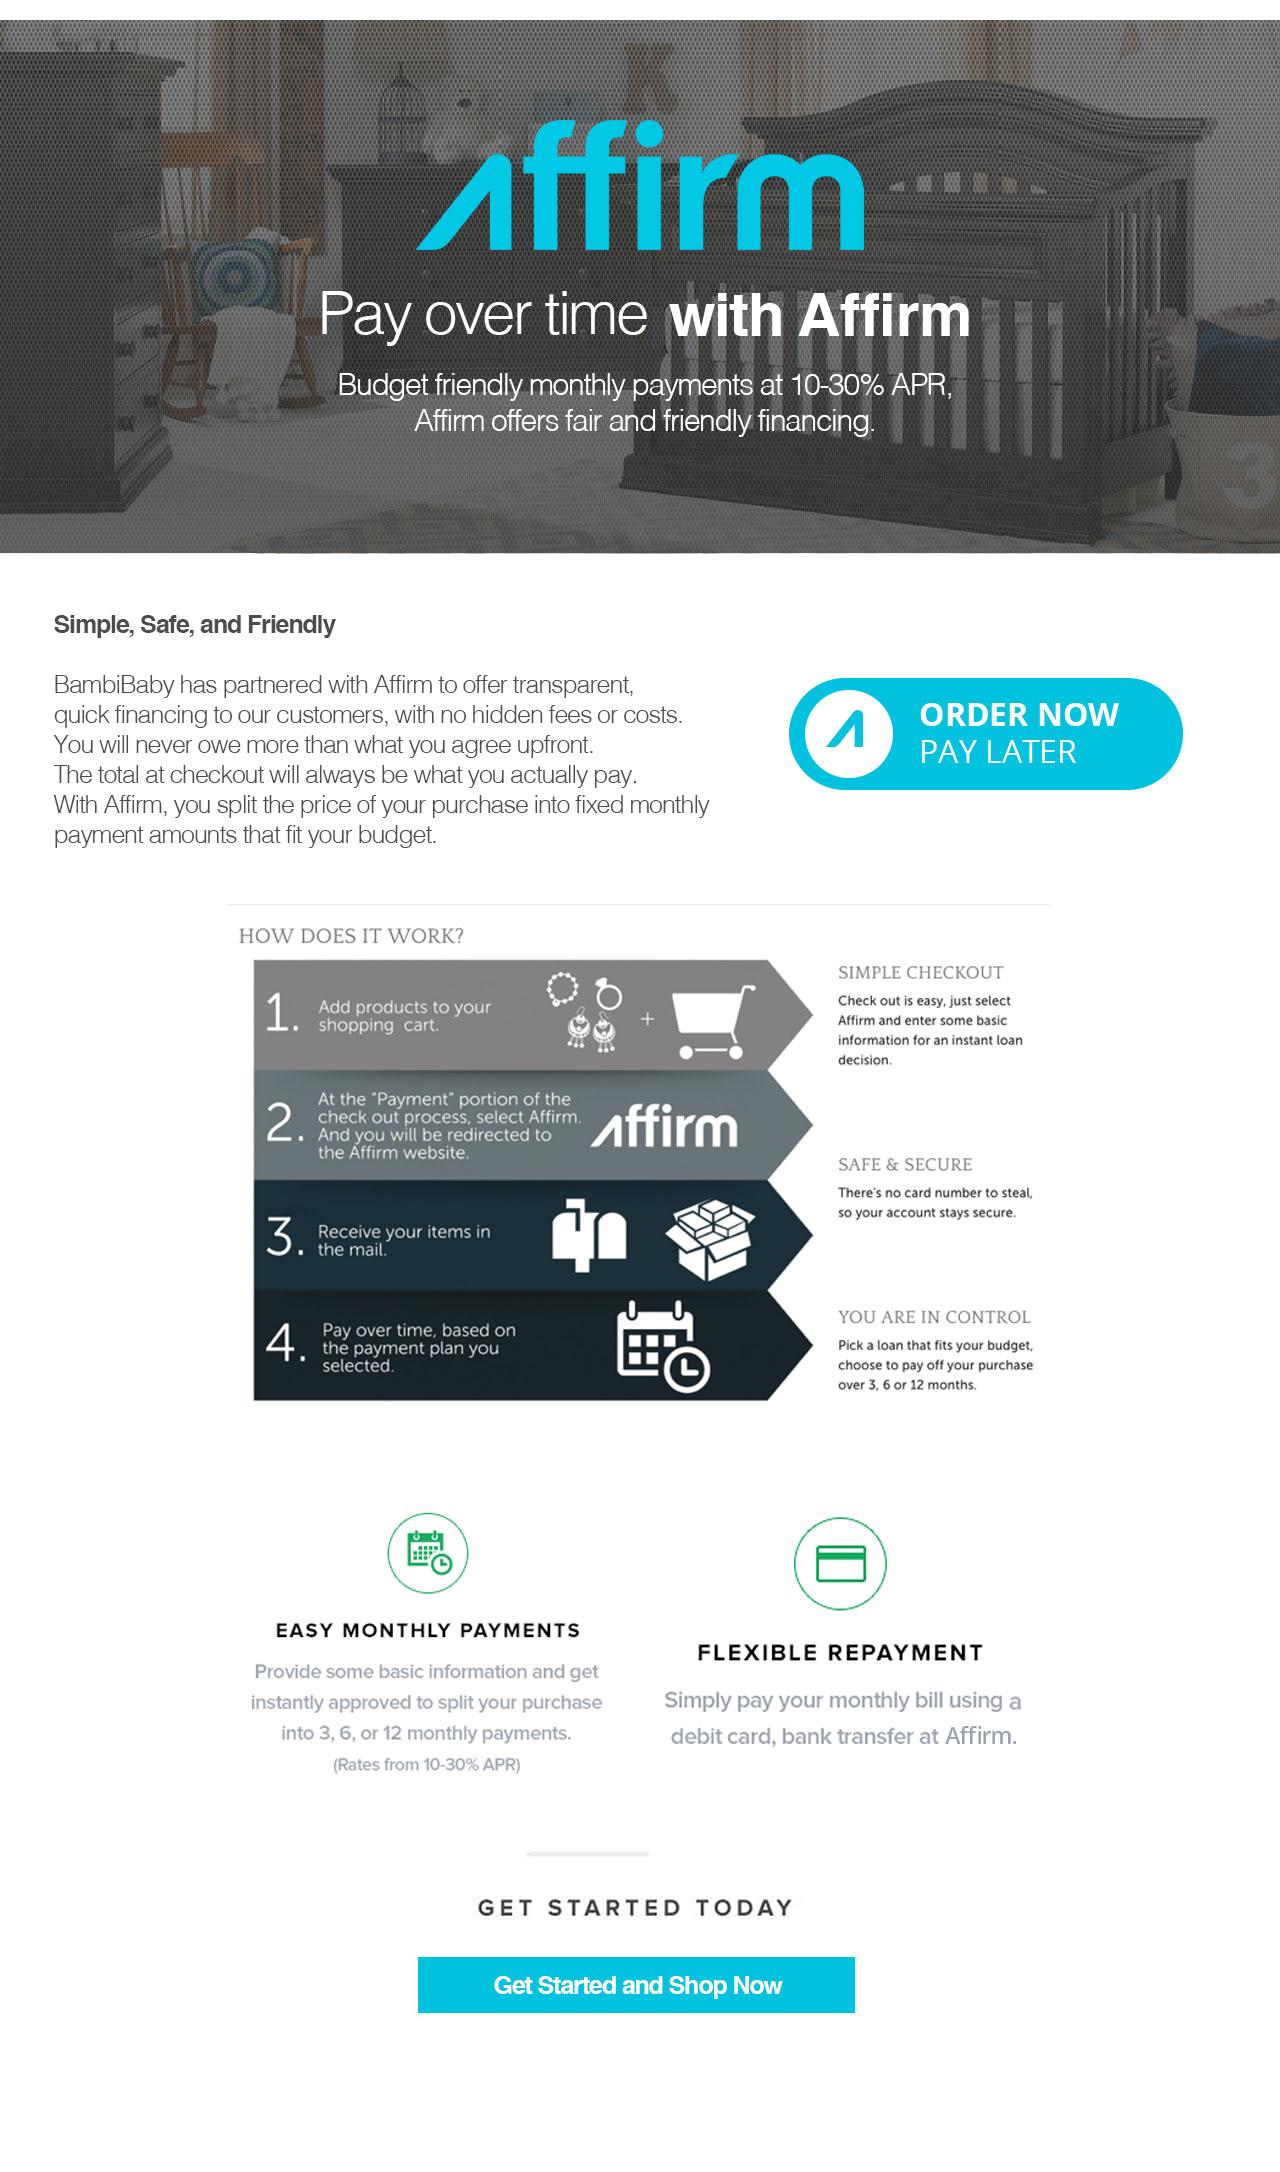 affirm-desktop-update2.jpg